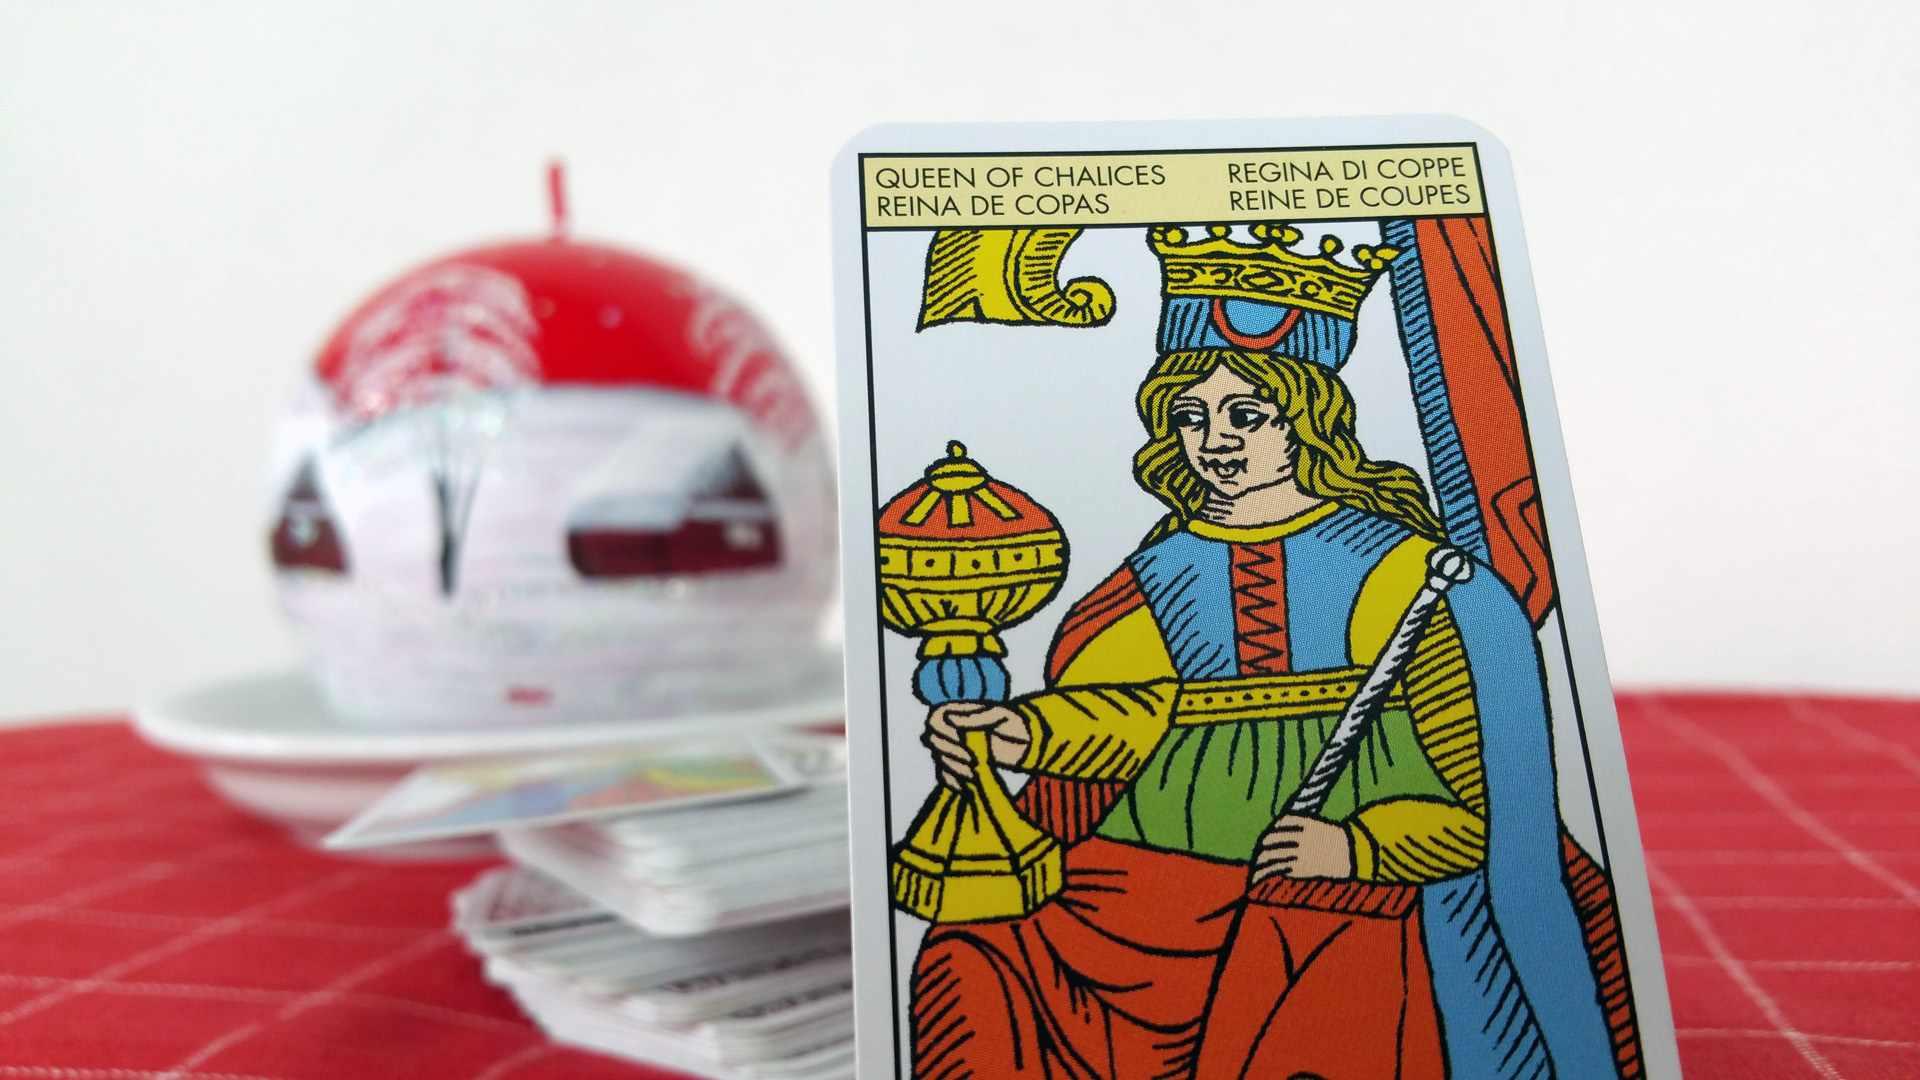 Rak Horoskop Na Rok 2017 Kralovna Poharu Dobryhoroskop Cz